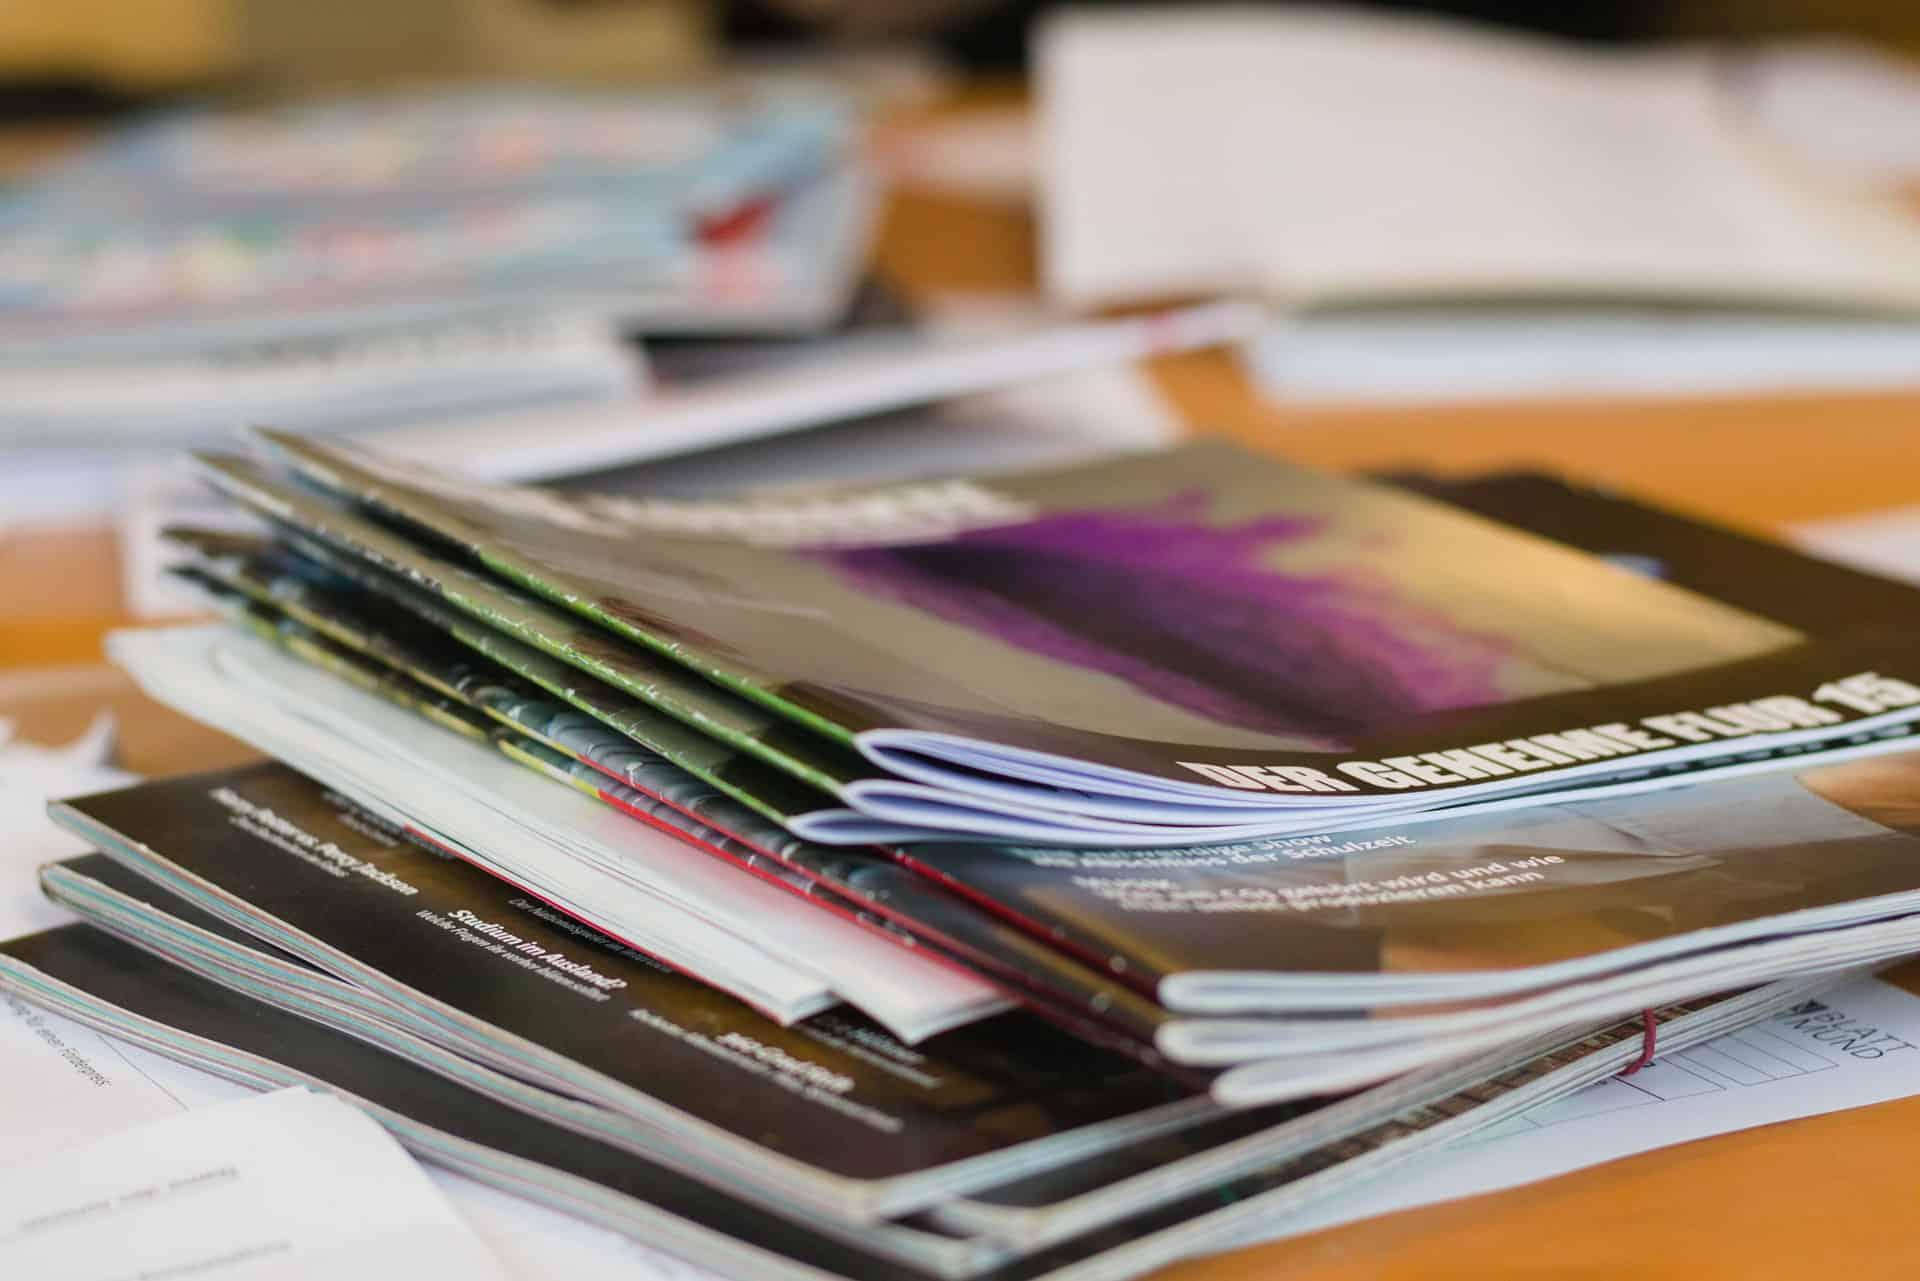 viele gedruckte Schülerzeitungen auf einem Tisch